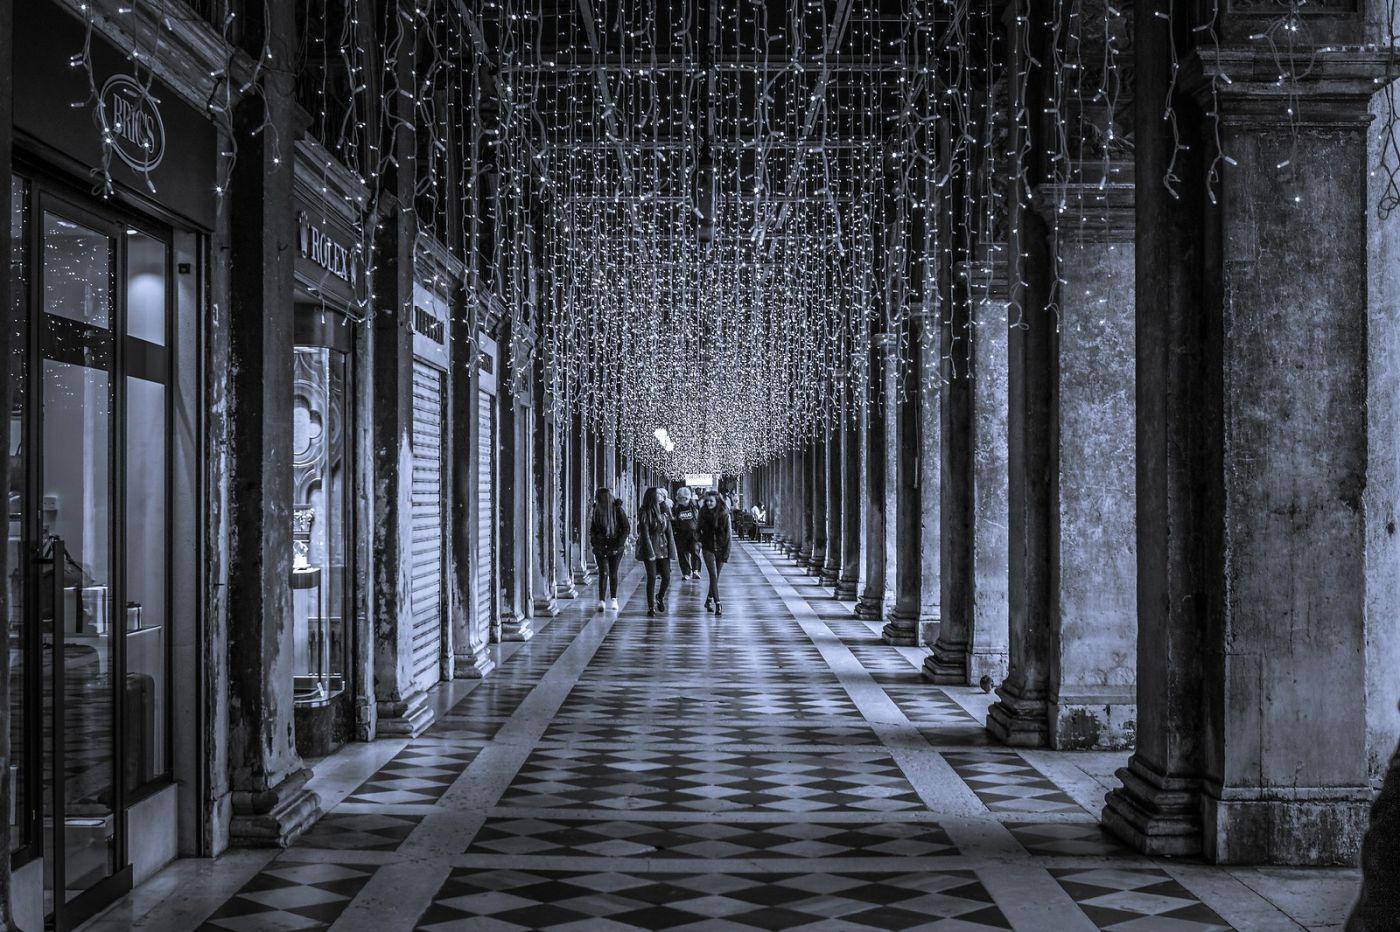 威尼斯圣马可广场(St Mark's Square), 独一无二_图1-34